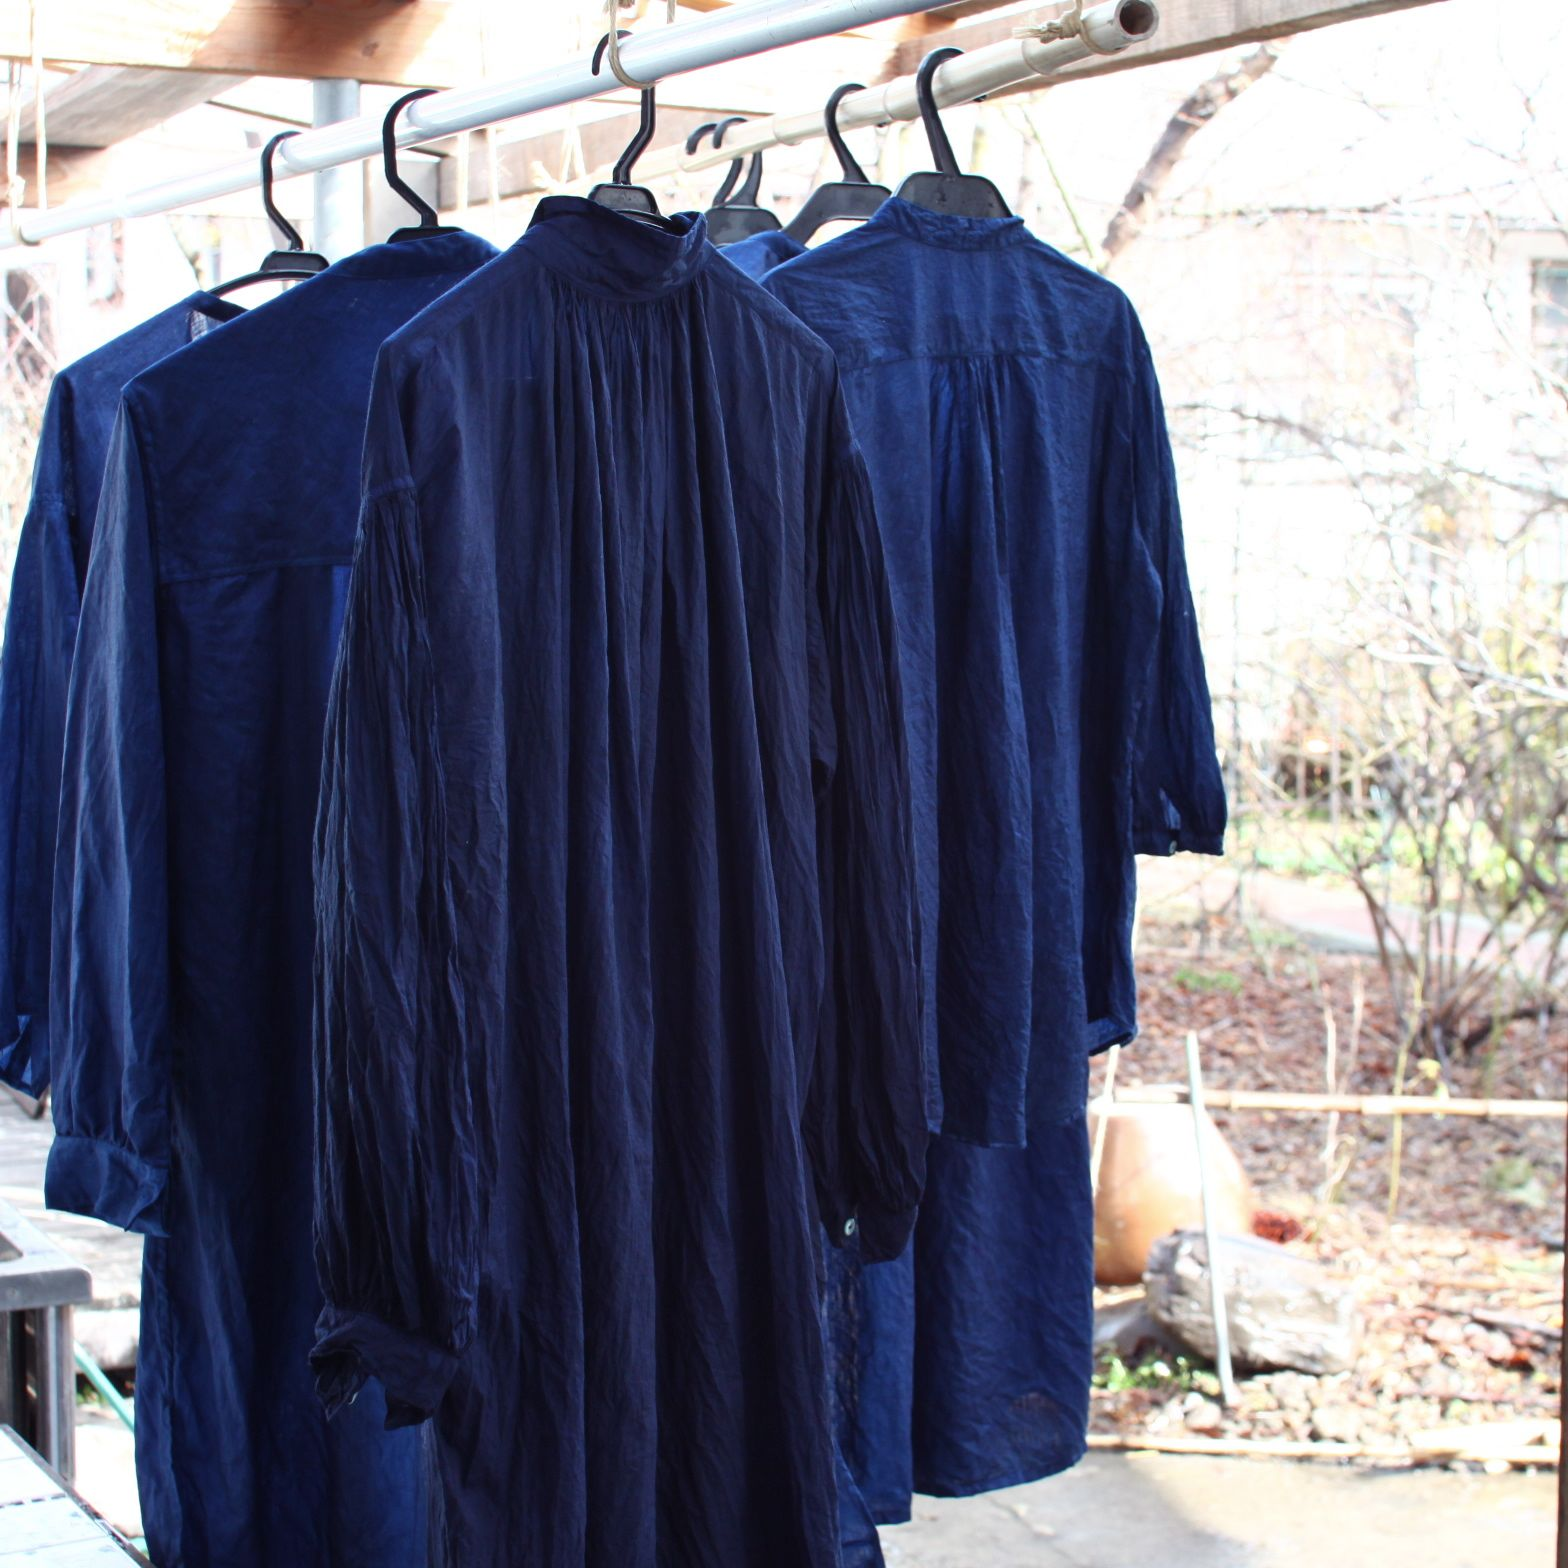 今日藍染めしたもの/ Indigo dyed clothes